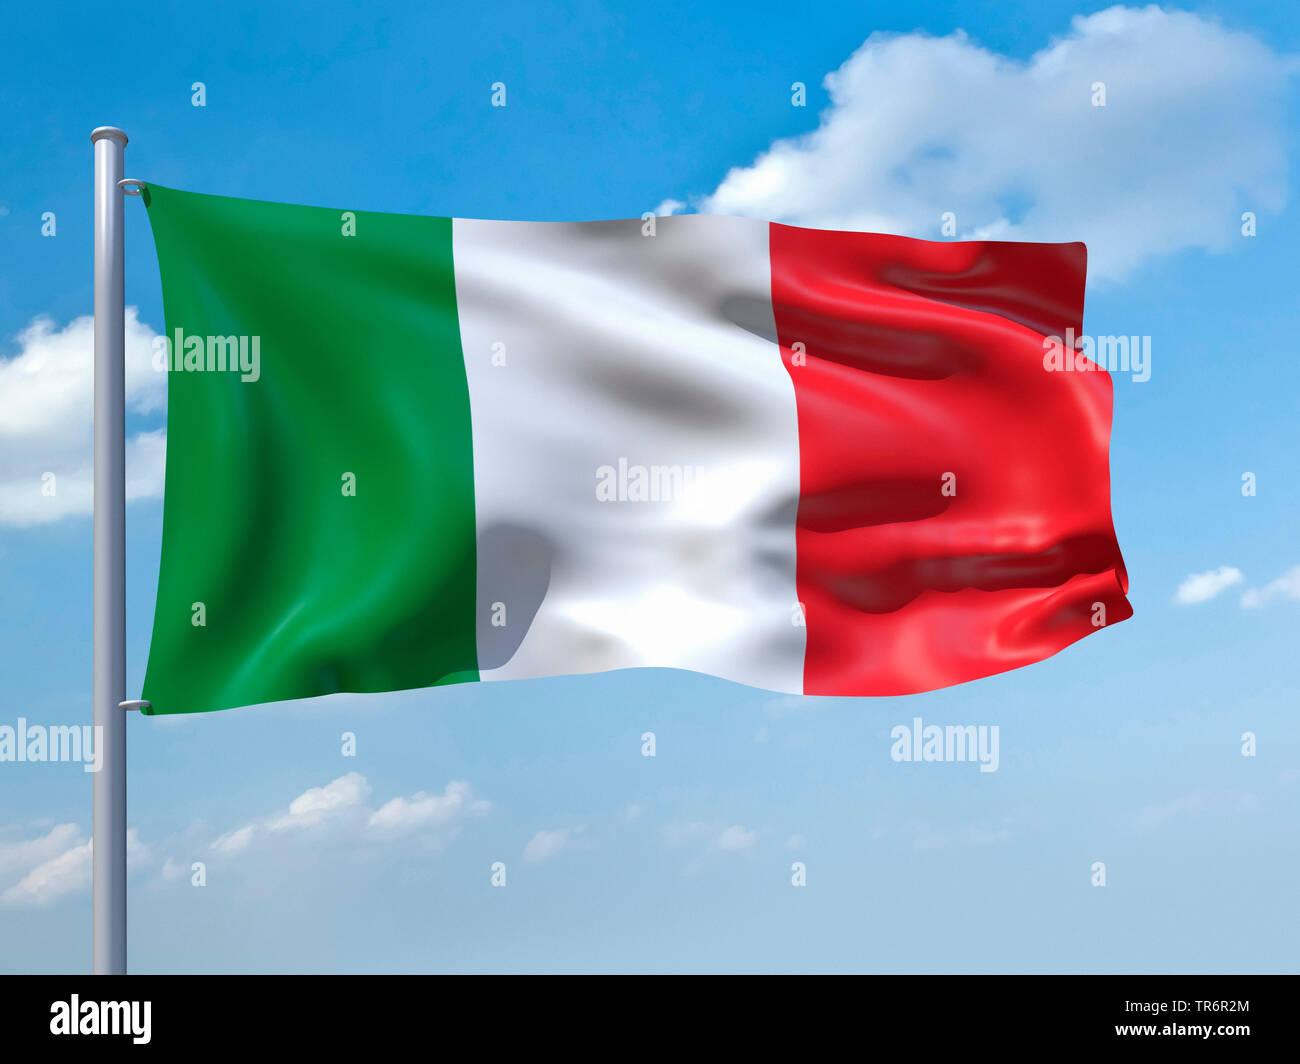 Im Wind wehende Flagge Italiens vor blauem Himmel, Italienisch   im Wind Italien Flagge weht in den blauen Himmel, Italien   BLWS 489197.jpg [(c) blickwink Stockbild